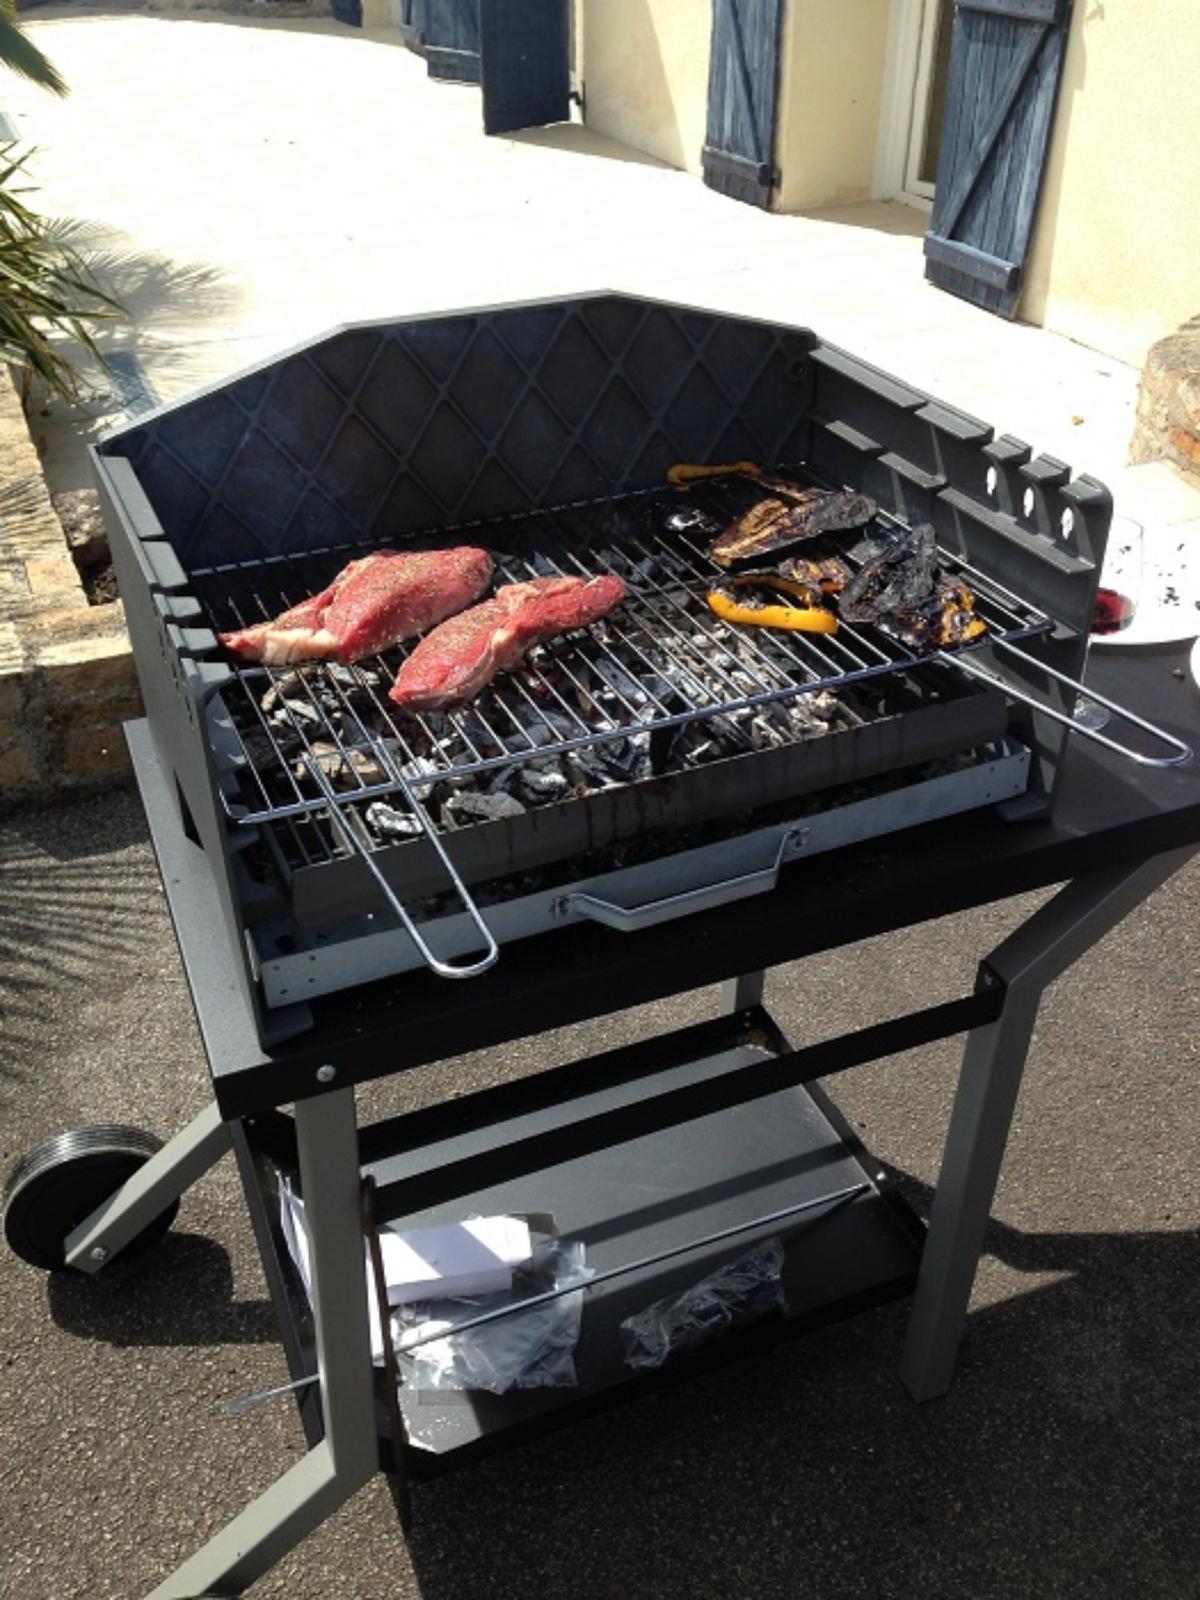 Barbecue Ou Plancha Que Choisir comment vraiment bien choisir mon barbecue en 2018 chef ?